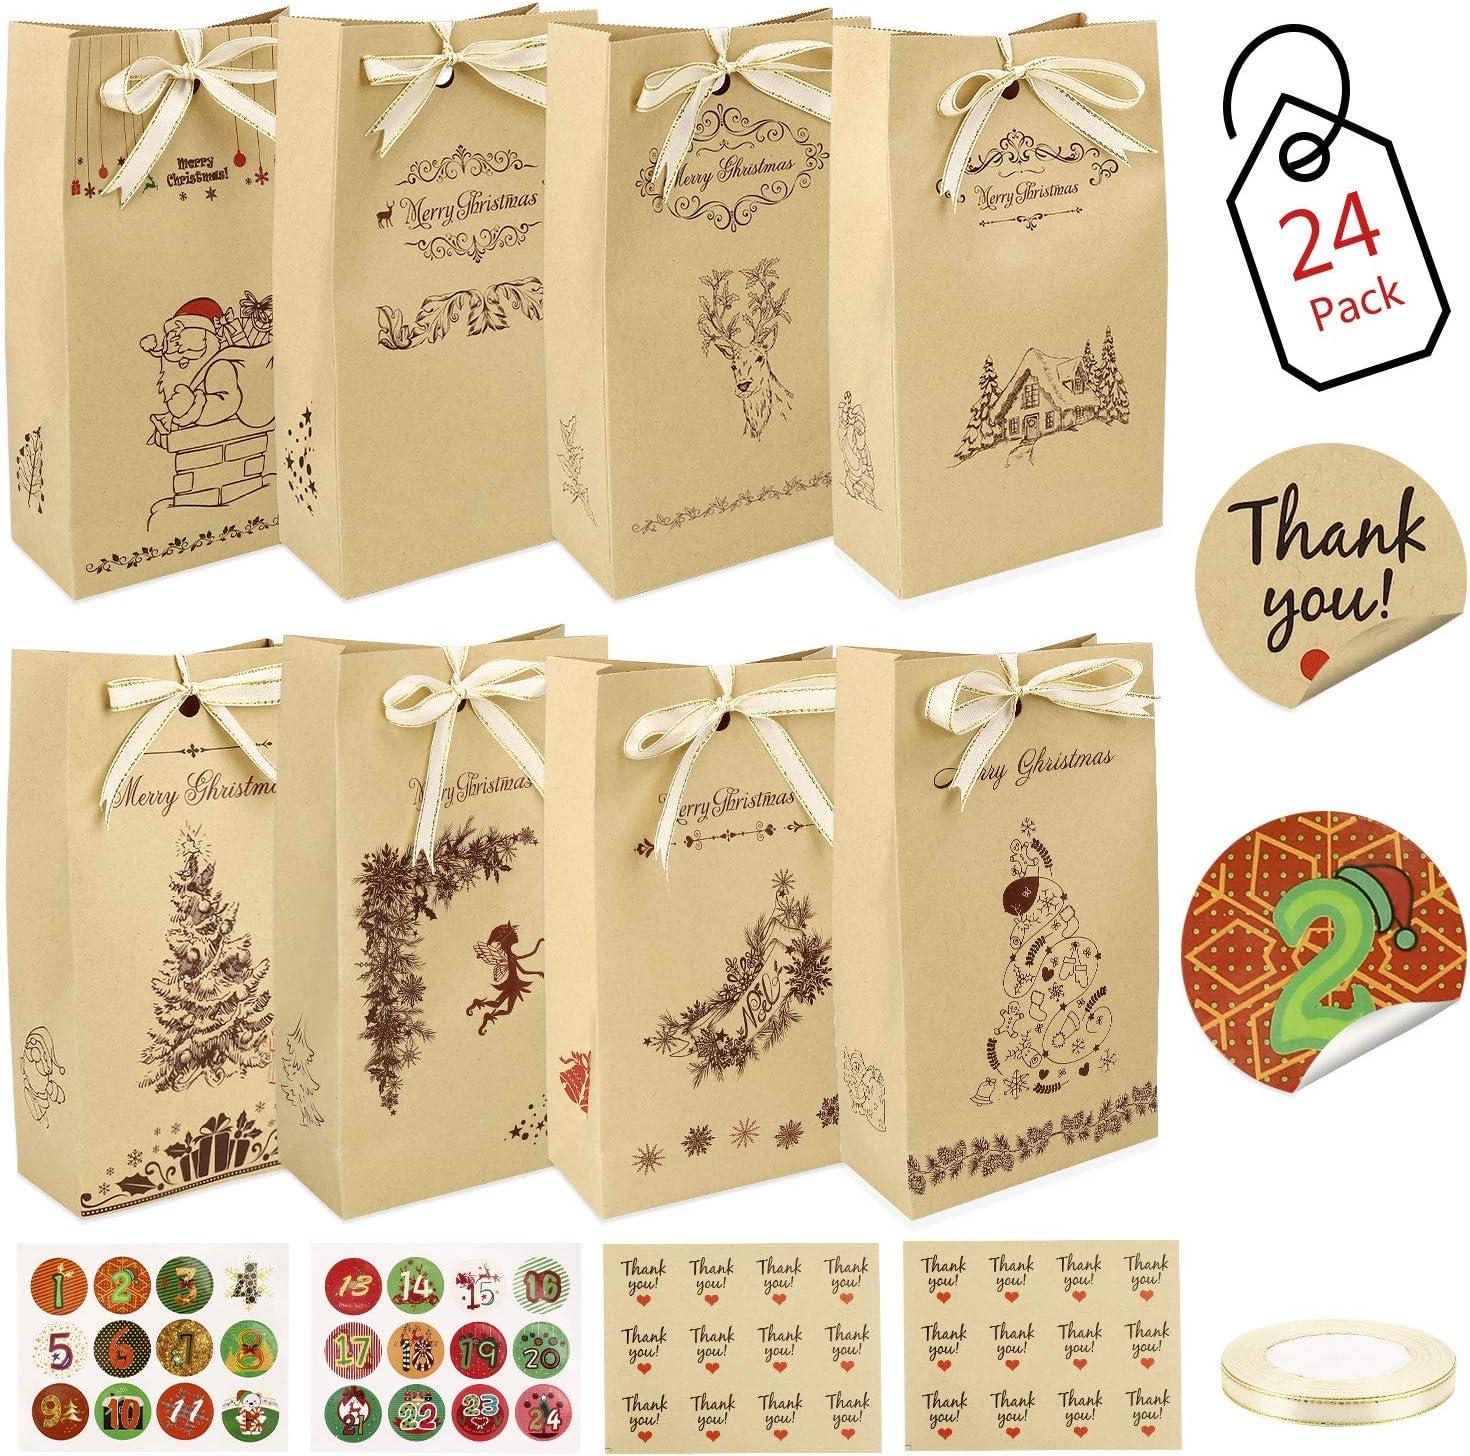 Gafild Bolsas de regalo navidad, 24pcs bolsas para regalos de boda Bolsas de Papel Kraft con 48 Pegatinas para Boda Fiestas Cumpleaños Comida Caramelos Dulces Galletas Chocolates